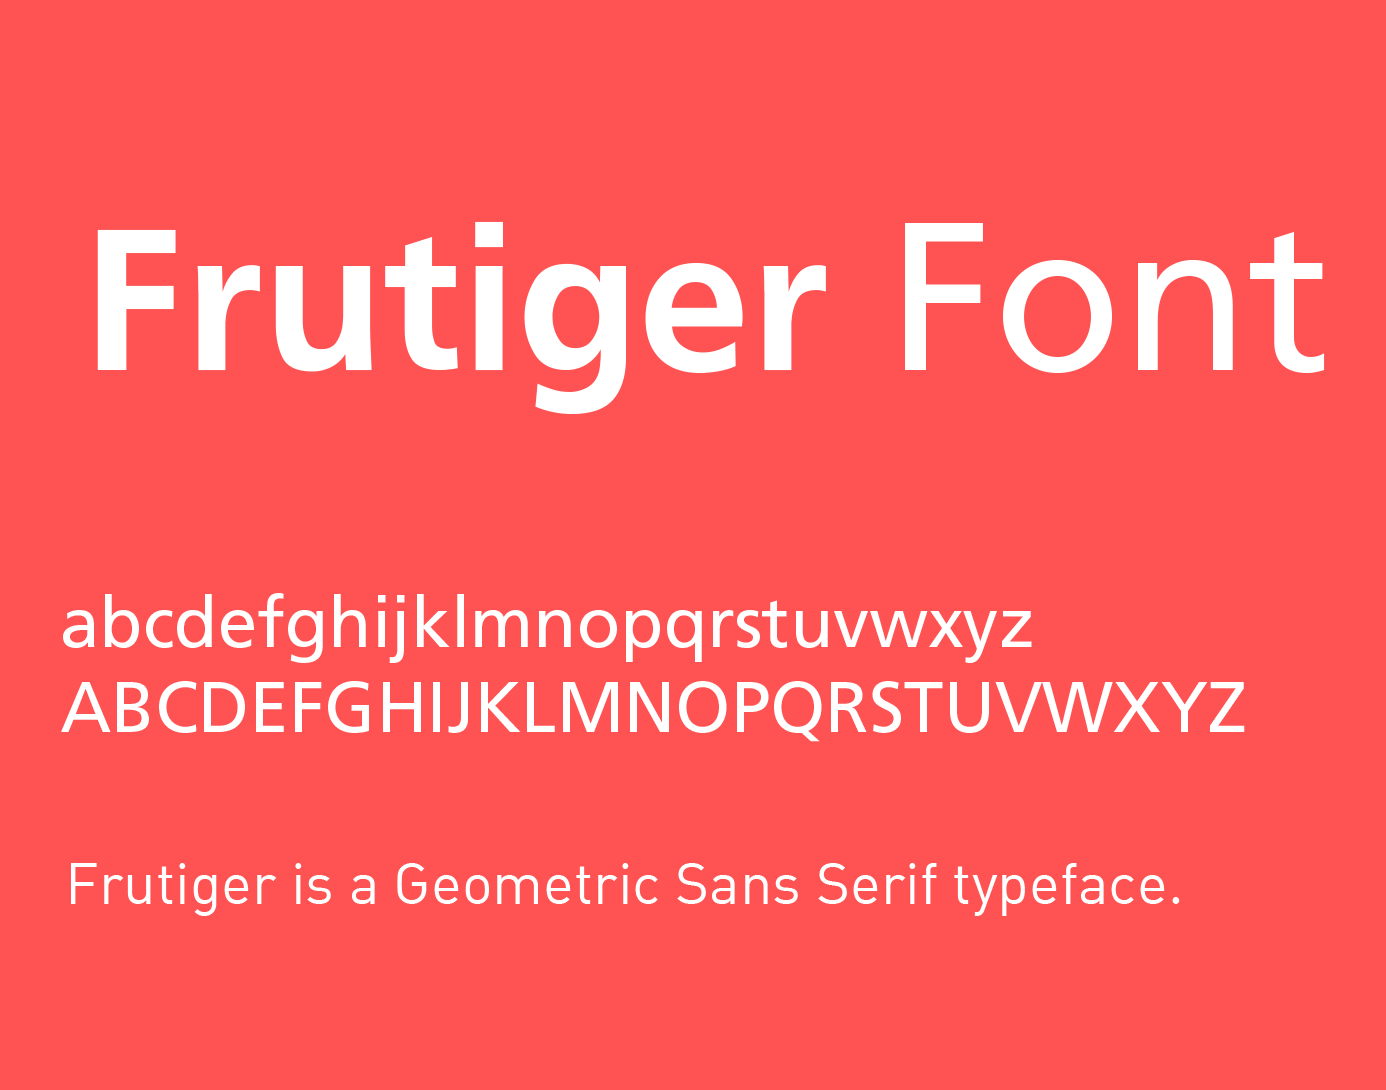 frutiger-font